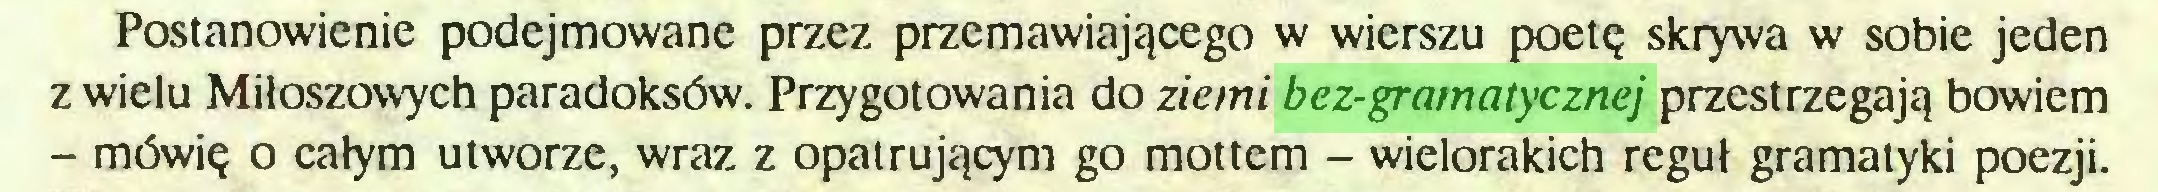 (...) Postanowienie podejmowane przez przemawiającego w wierszu poetę skrywa w sobie jeden z wielu Miłoszowych paradoksów. Przygotowania do ziemi bez-gramatycznej przestrzegają bowiem - mówię o całym utworze, wraz z opatrującym go mottem - wielorakich reguł gramatyki poezji...